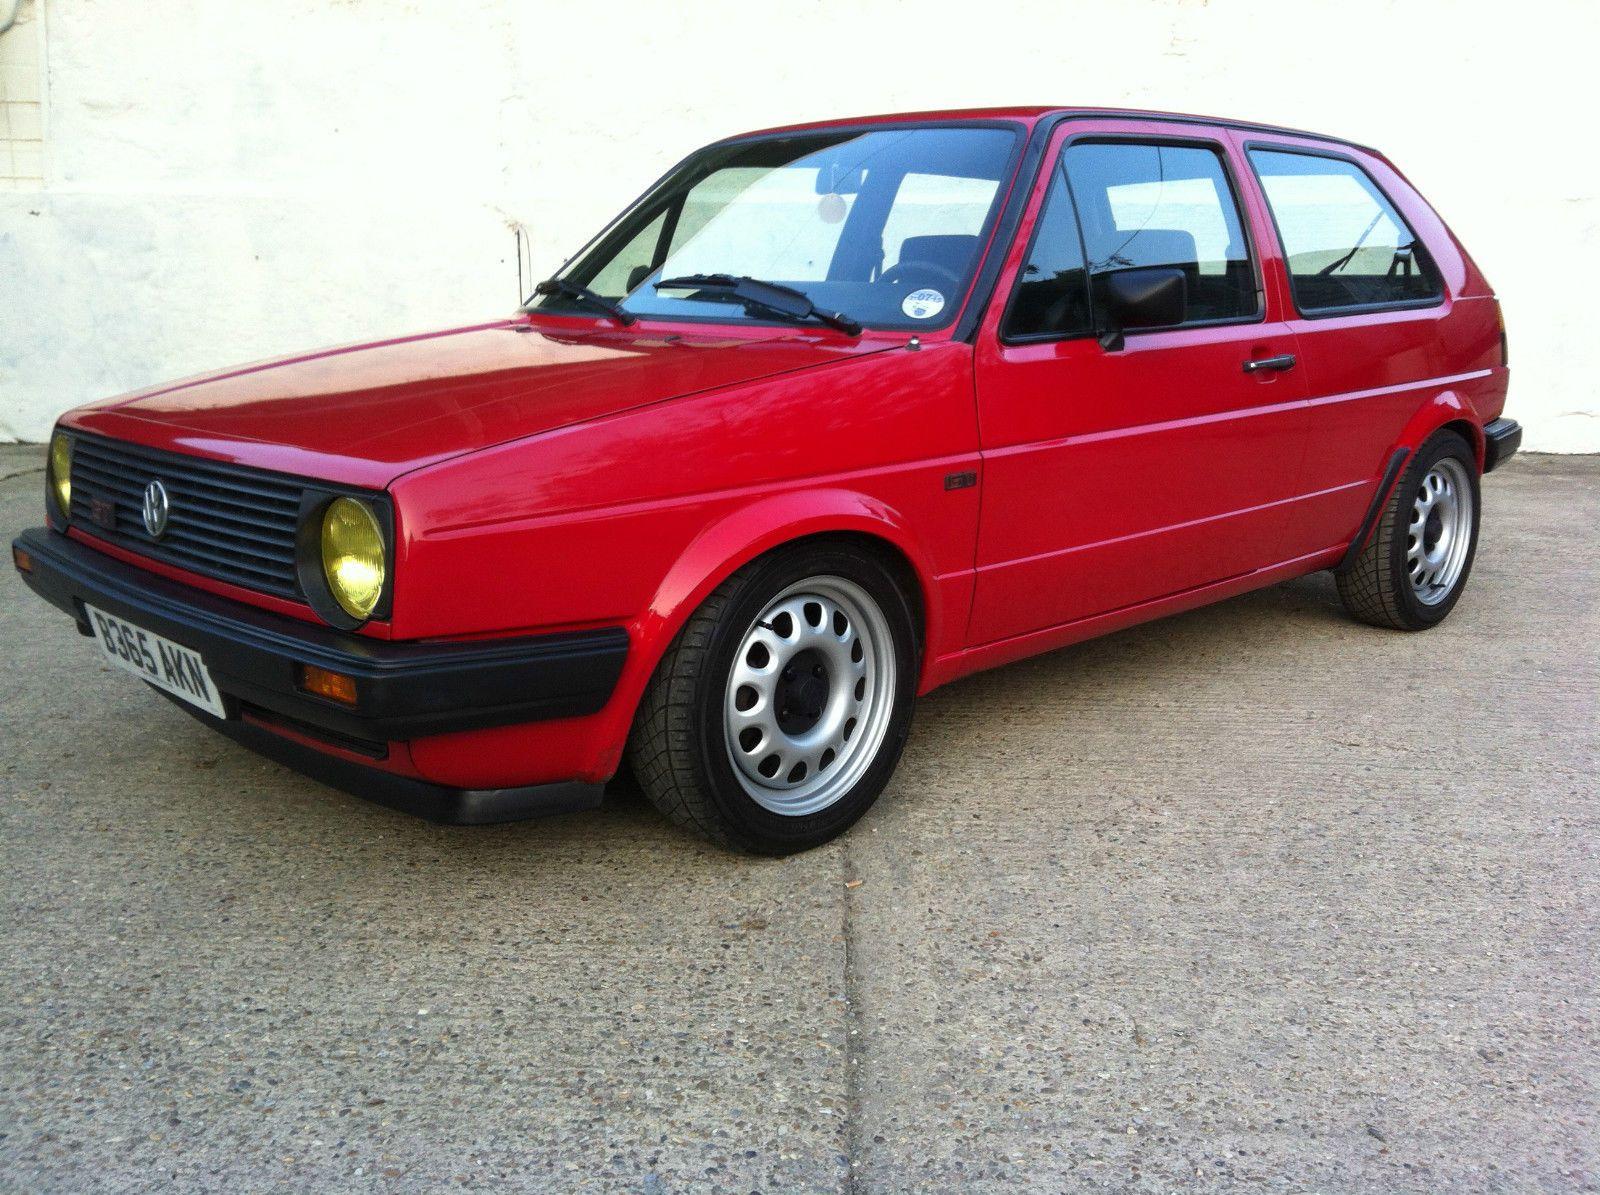 1985 Volkswagen Golf Gt Mk2 Not Gti Volkswagen Golf Gt For Sale In United Kingdom It S A Volkswagen Mk2 Gt 2 D Volkswagen Golf Mk2 Volkswagen Volkswagen Golf